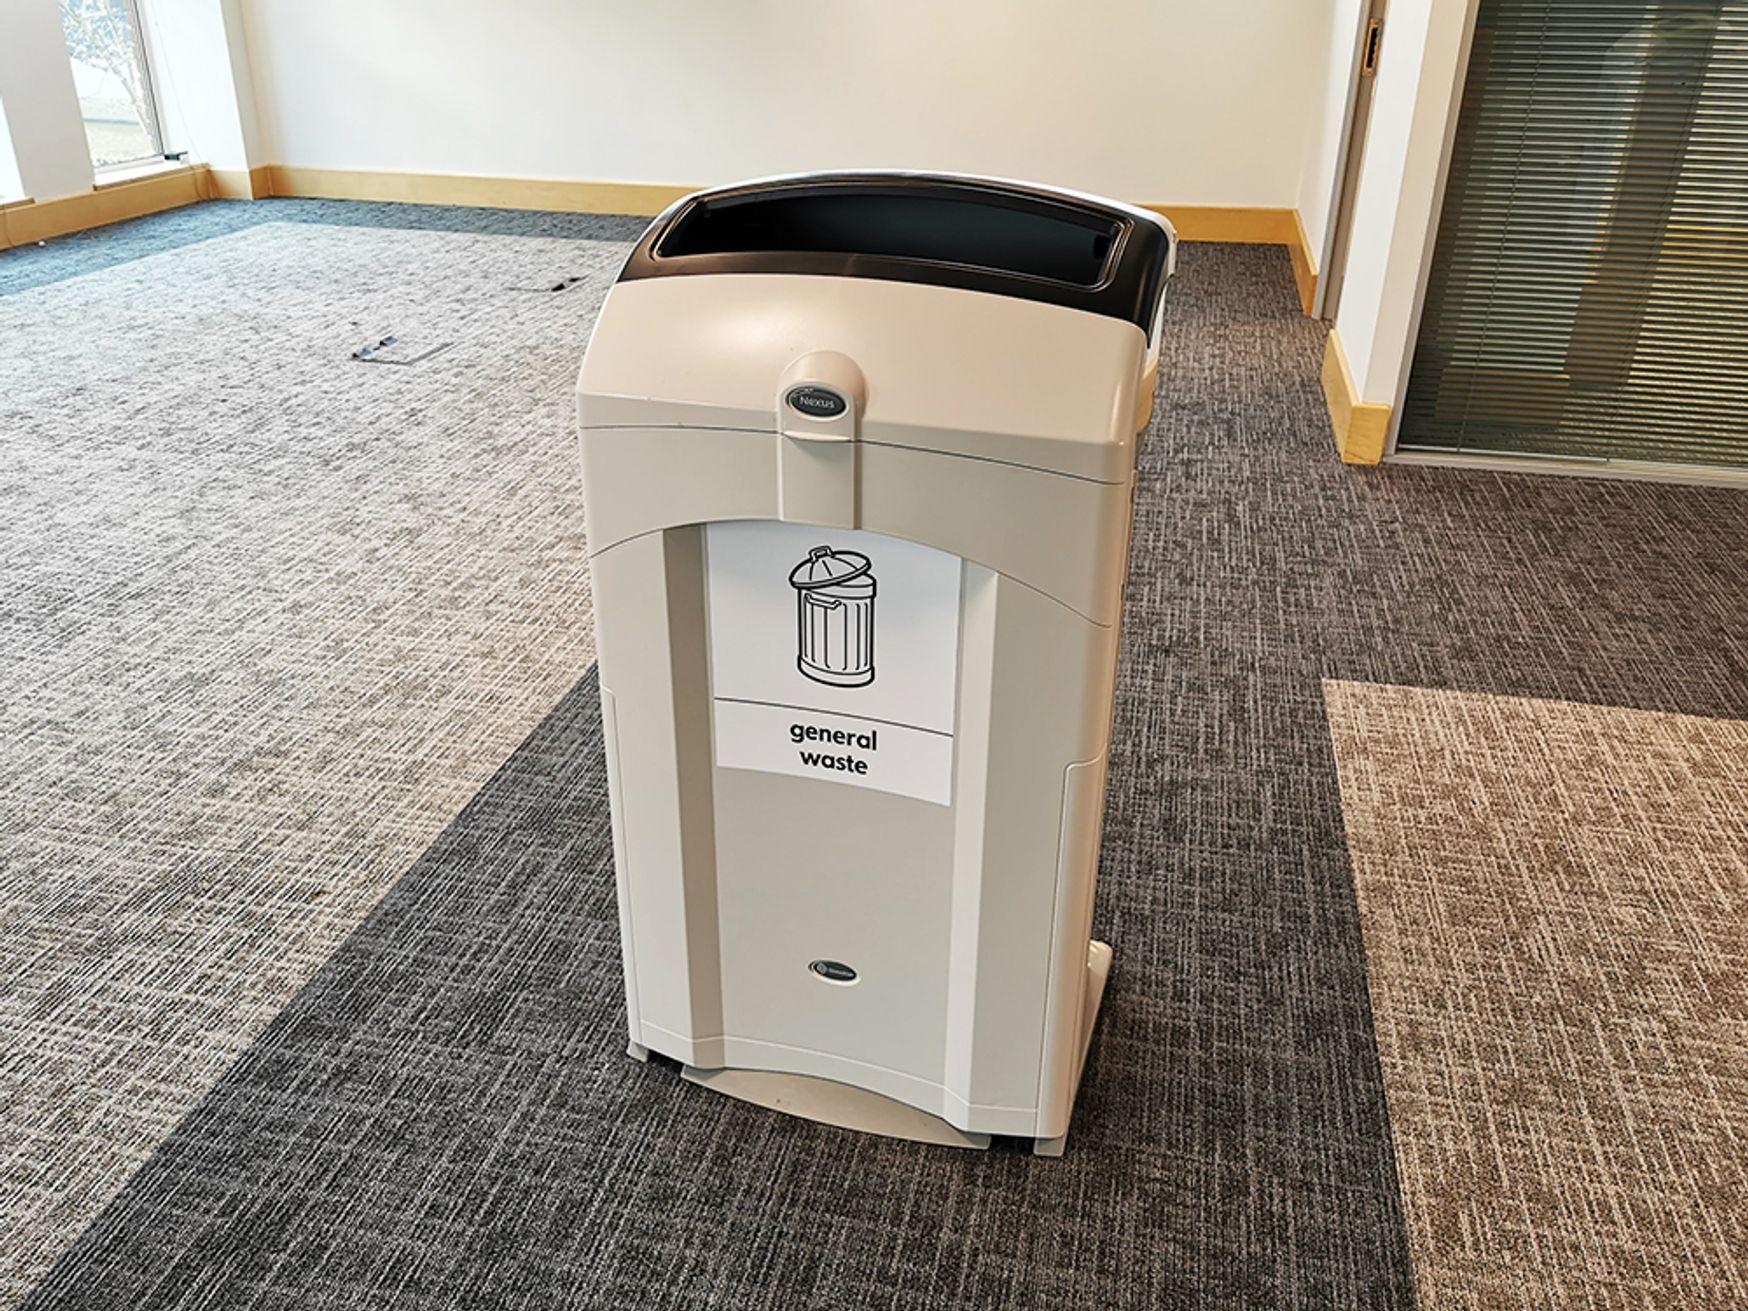 Used Nexus 100 General Waste Bin